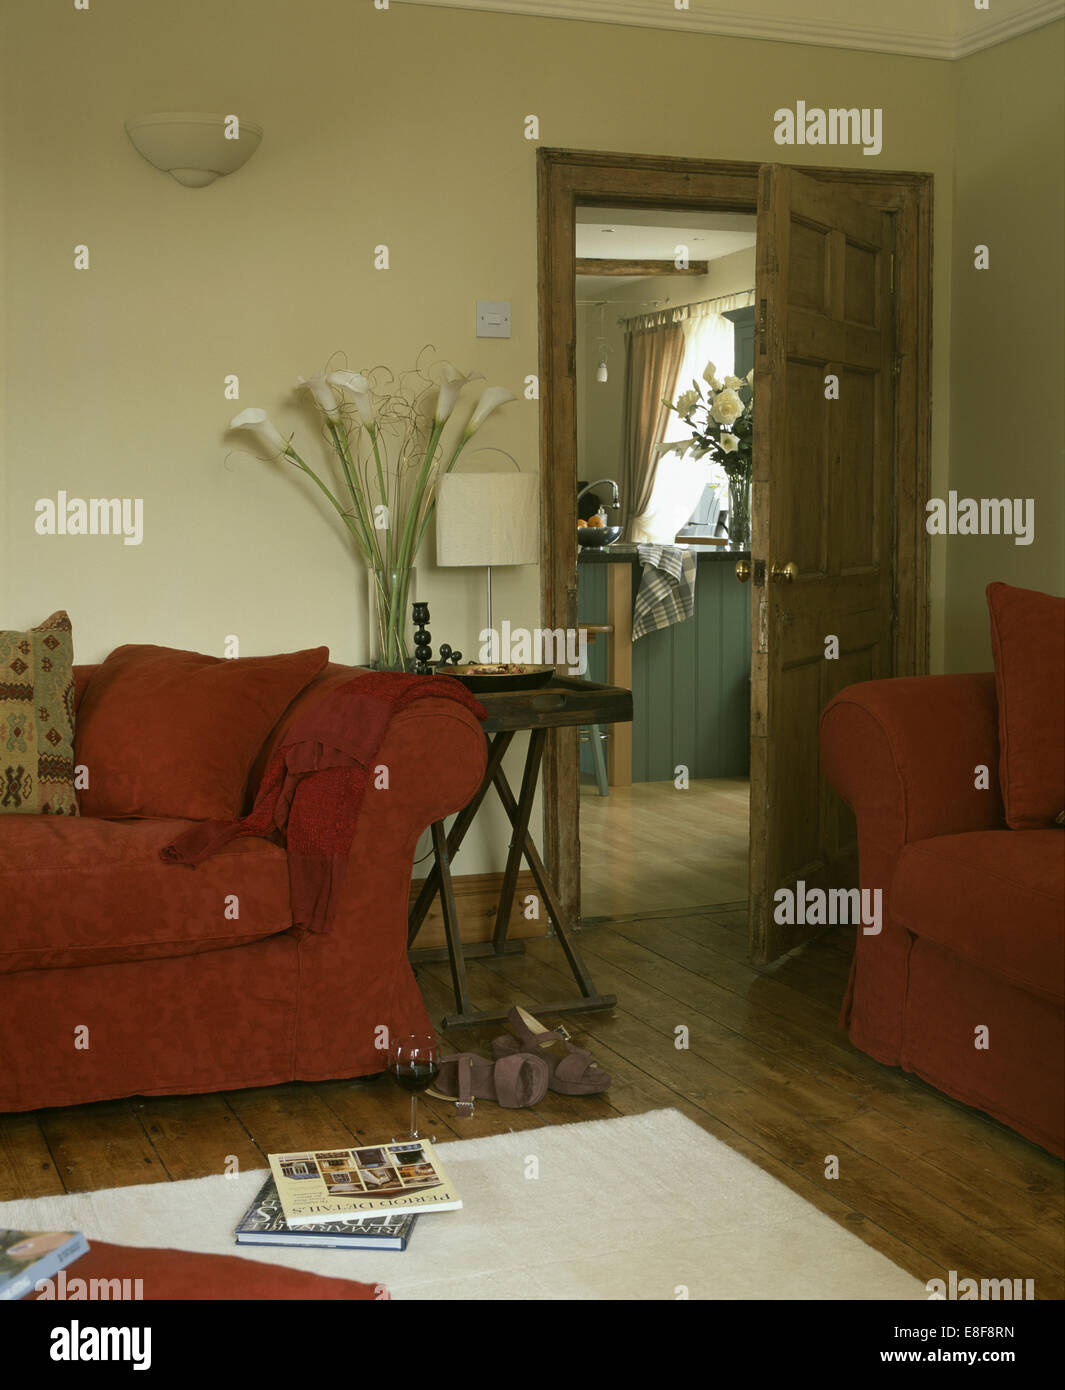 Terrakotta Sofas In Creme Wohnzimmer Mit Vase Von Arum Lilien Auf